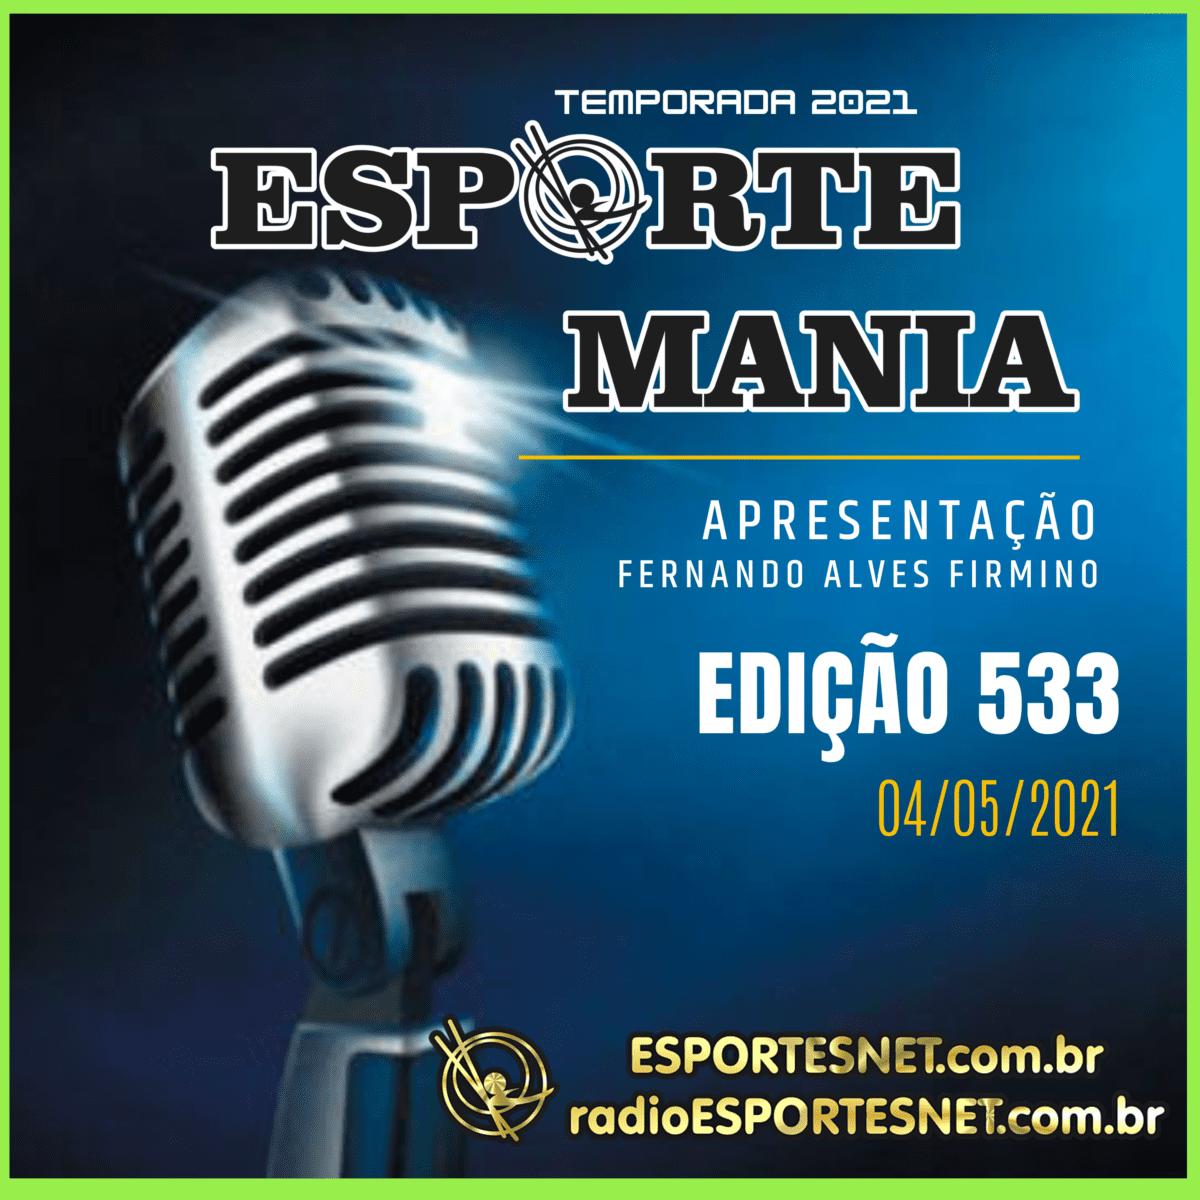 Esporte Mania, edição 533 pela Rádio ESPORTESNET